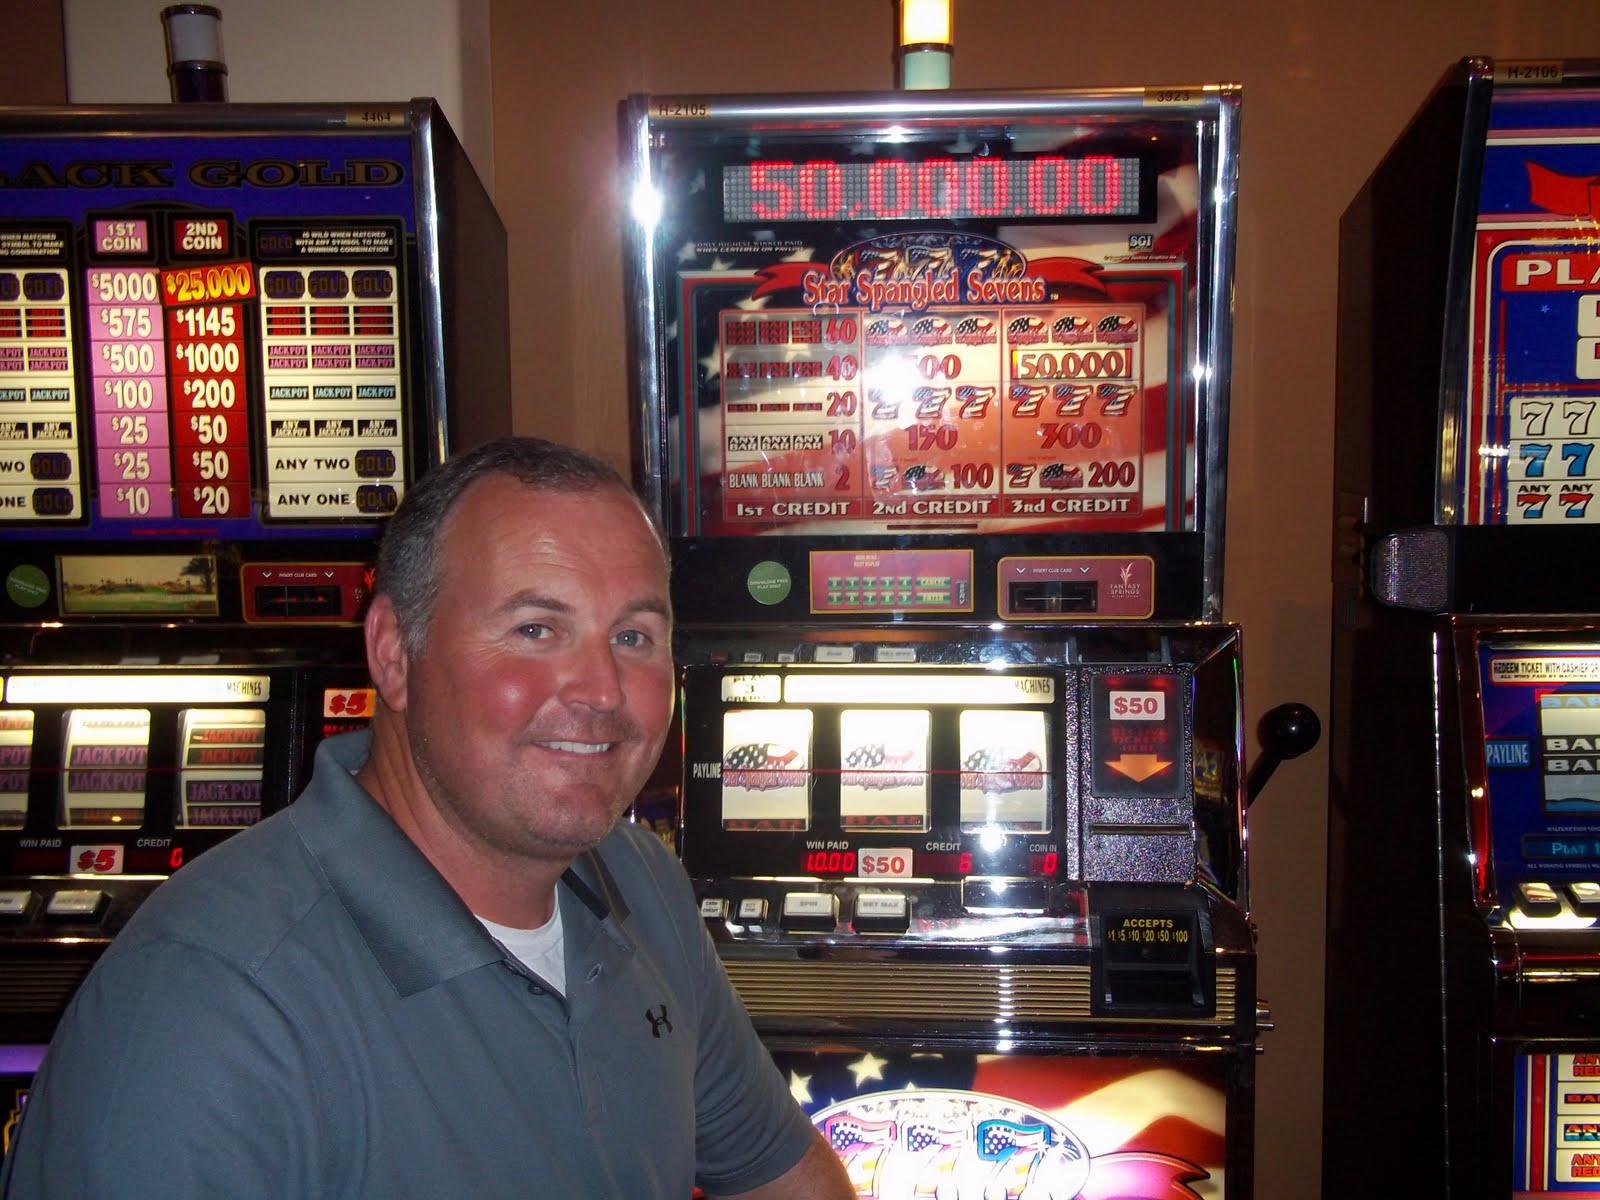 Casino Slot Winners 2021